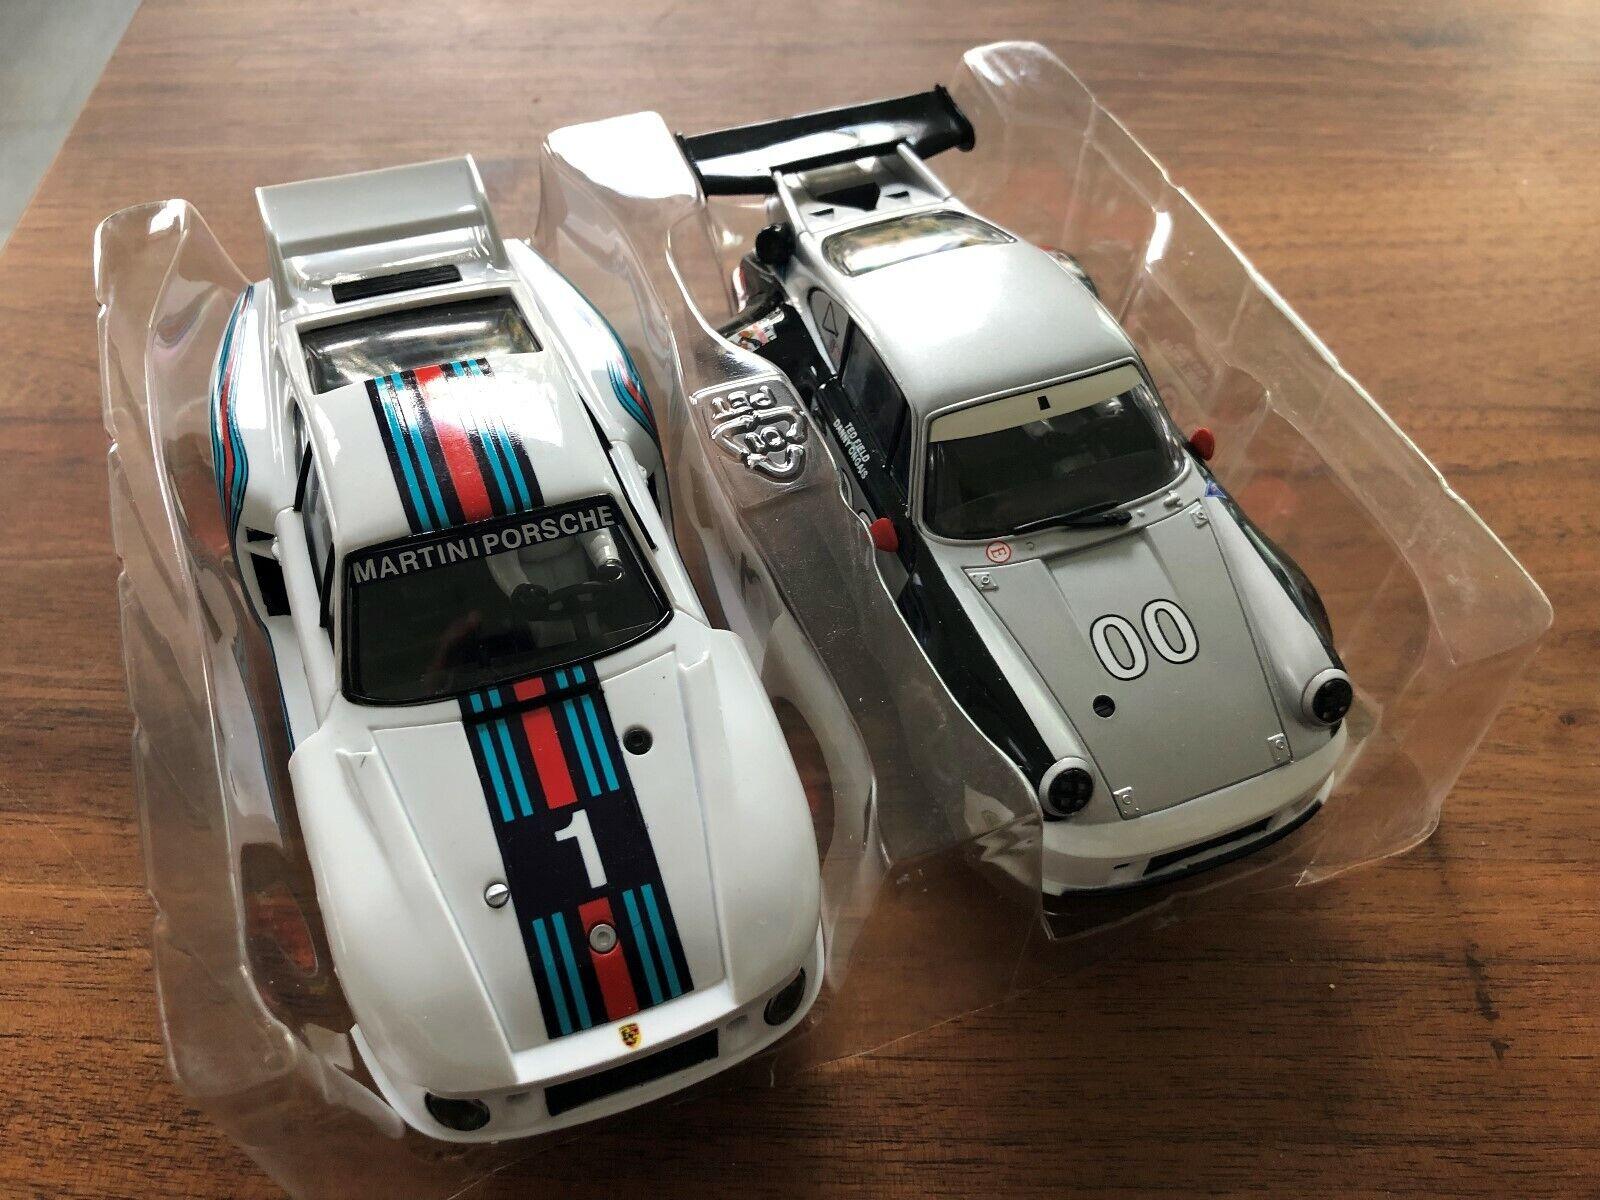 Carrera Evolution 2 x Porsche 935 + 911 Rsr Dal Set 40 Anni Carrera